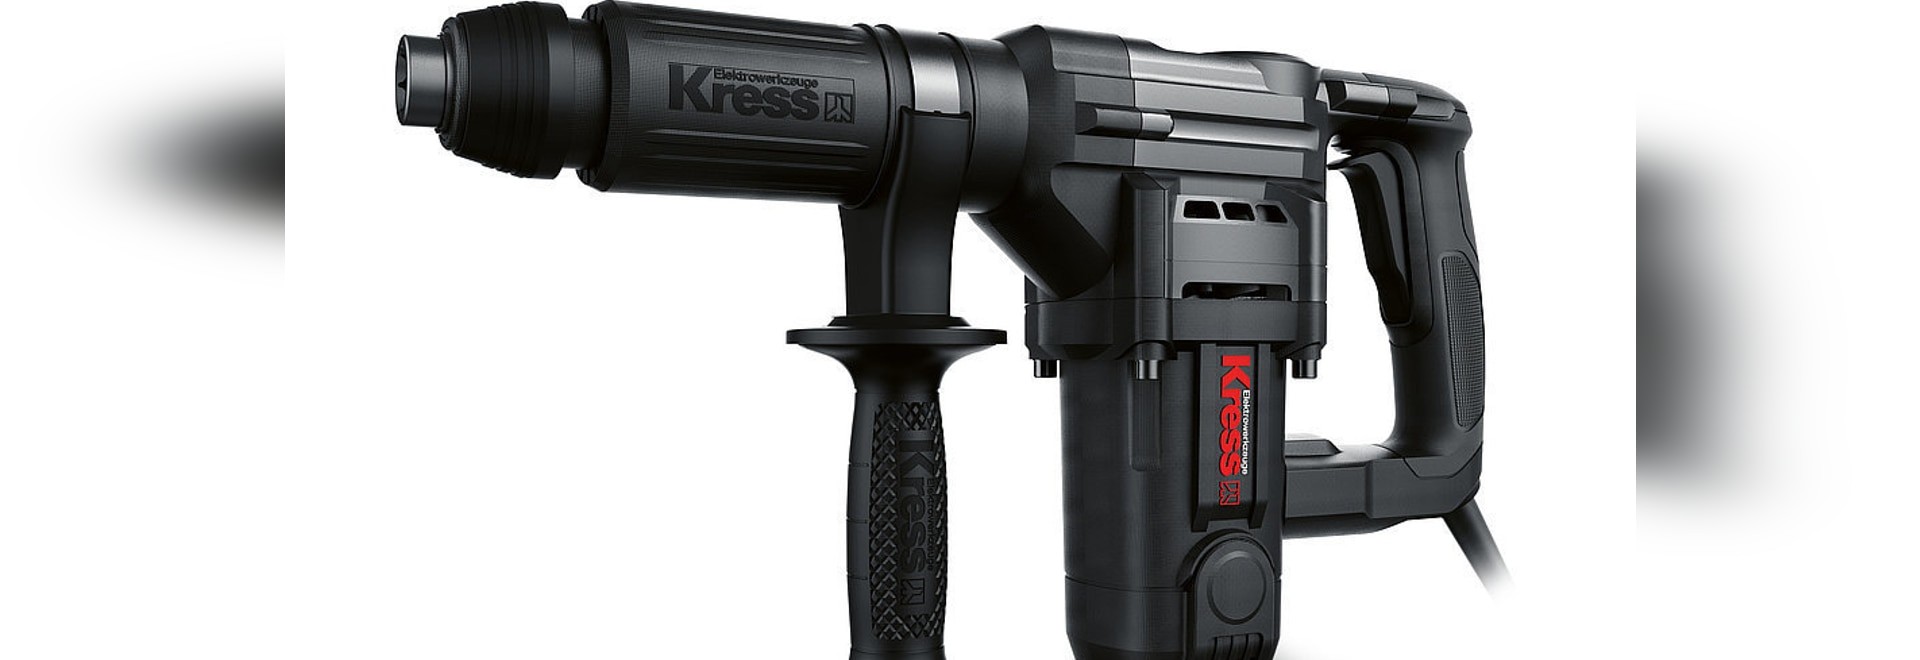 Kress-KU340